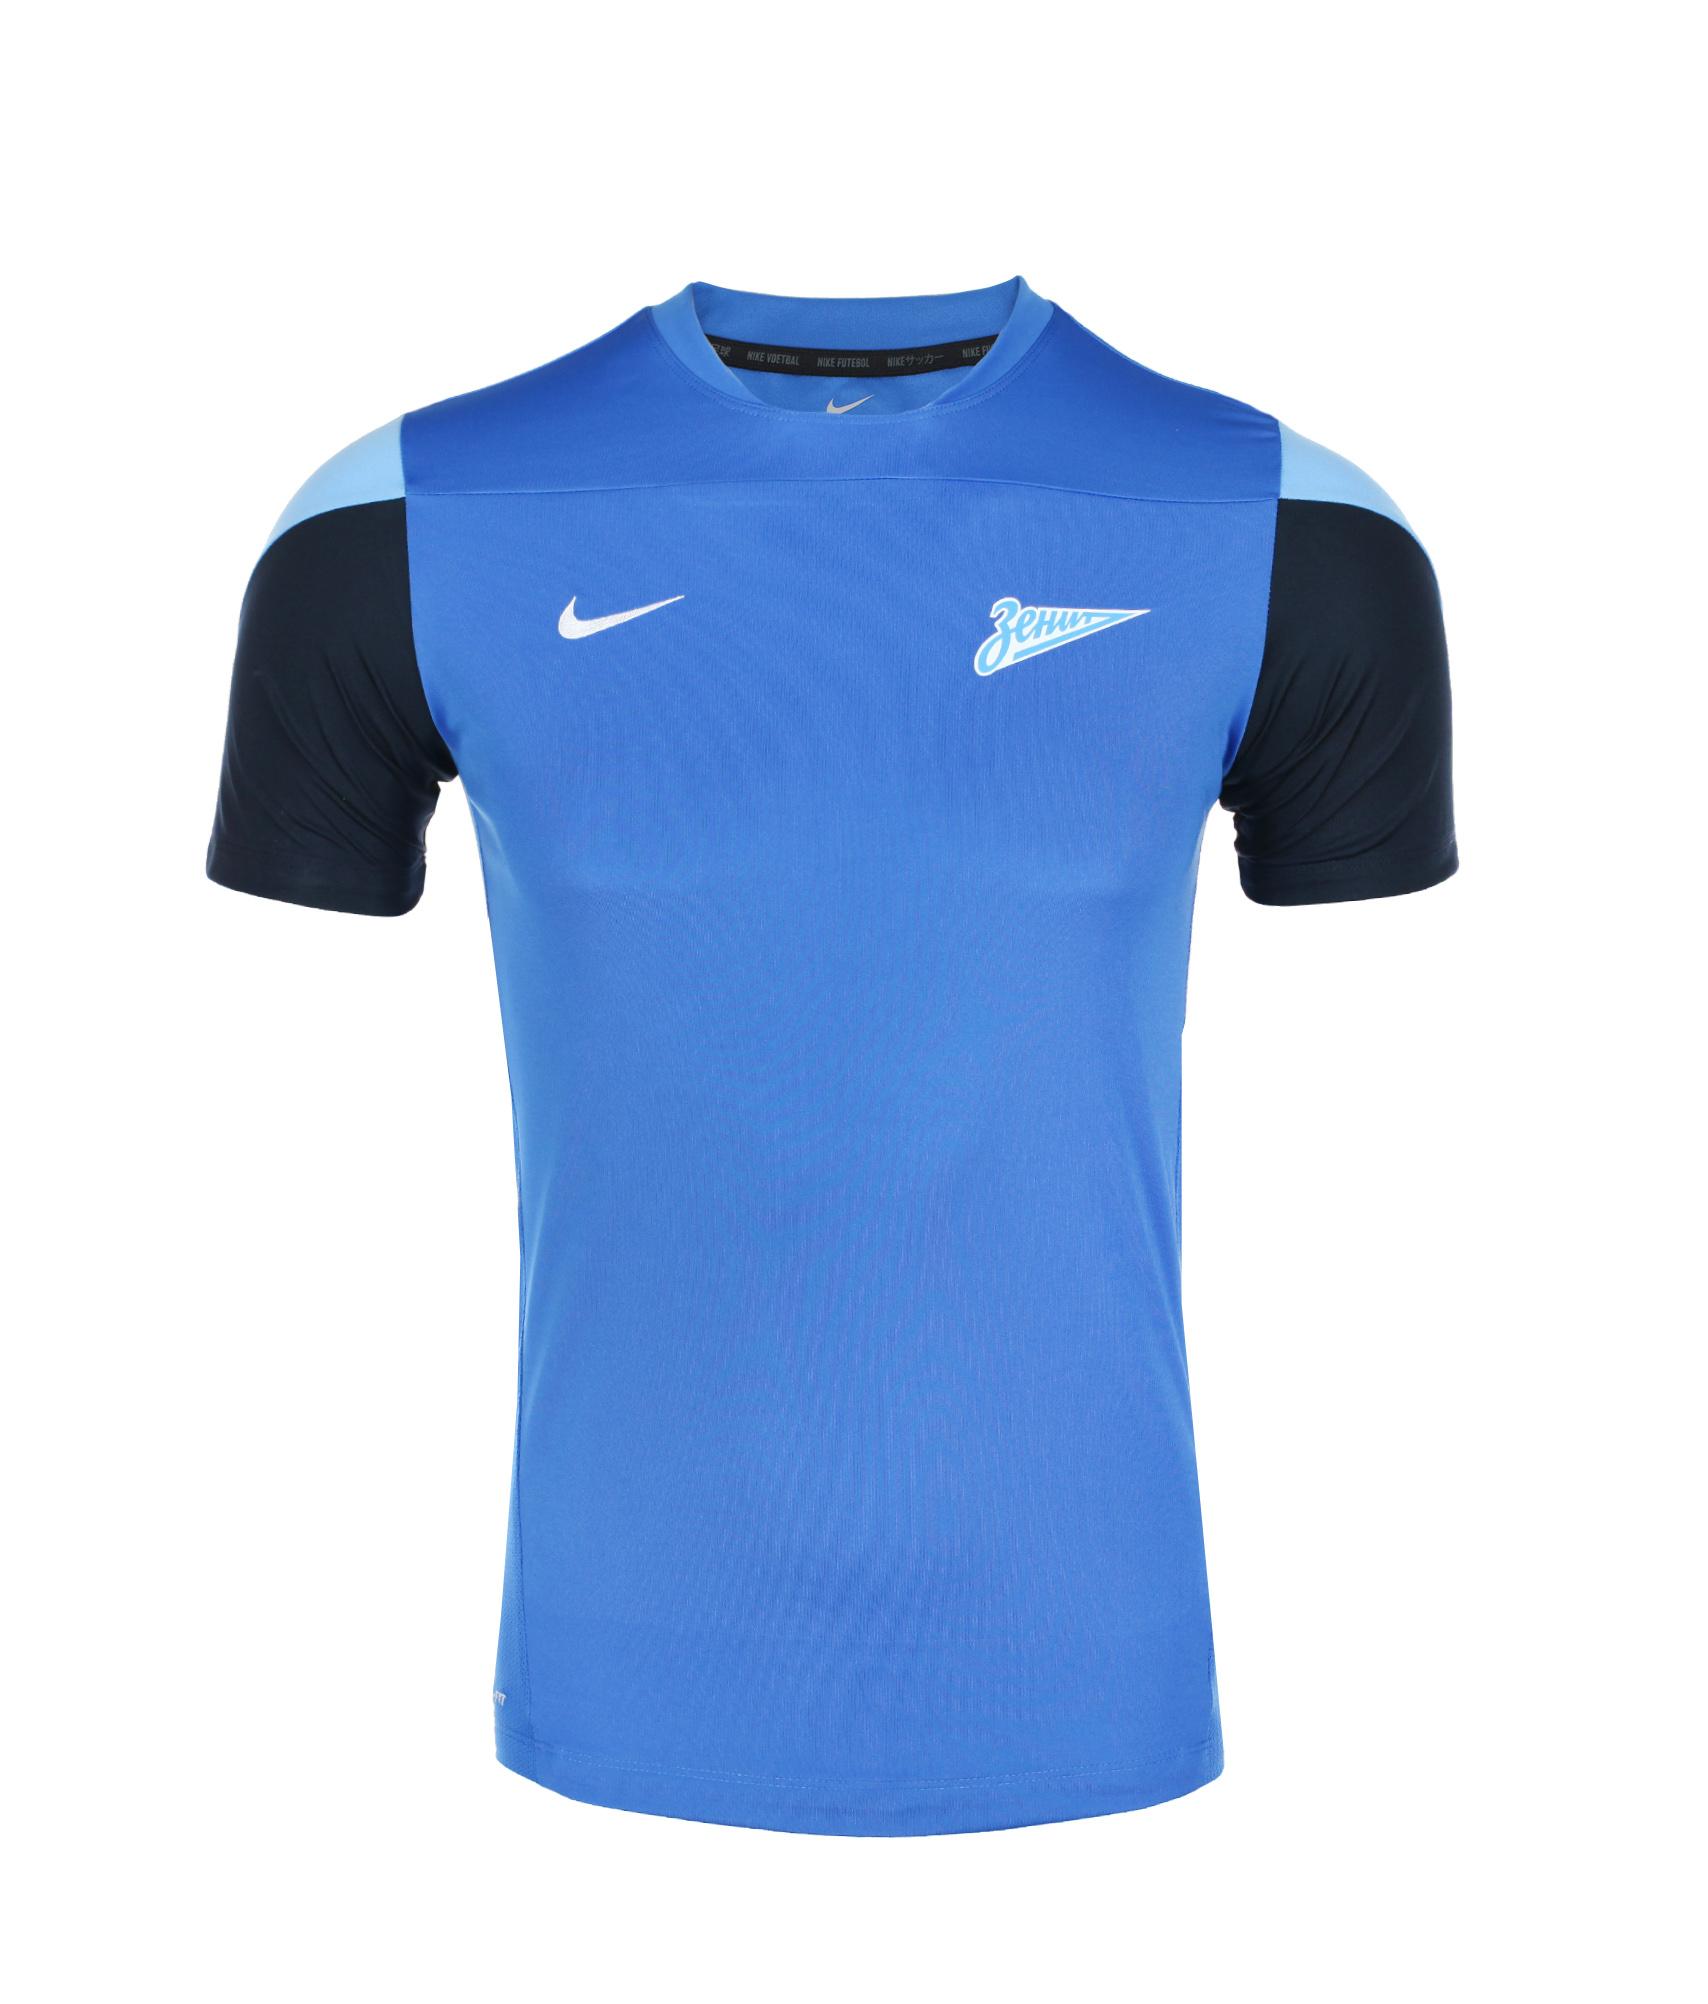 Футболка тренировочная подростковая, Цвет-Синий, Размер-XS